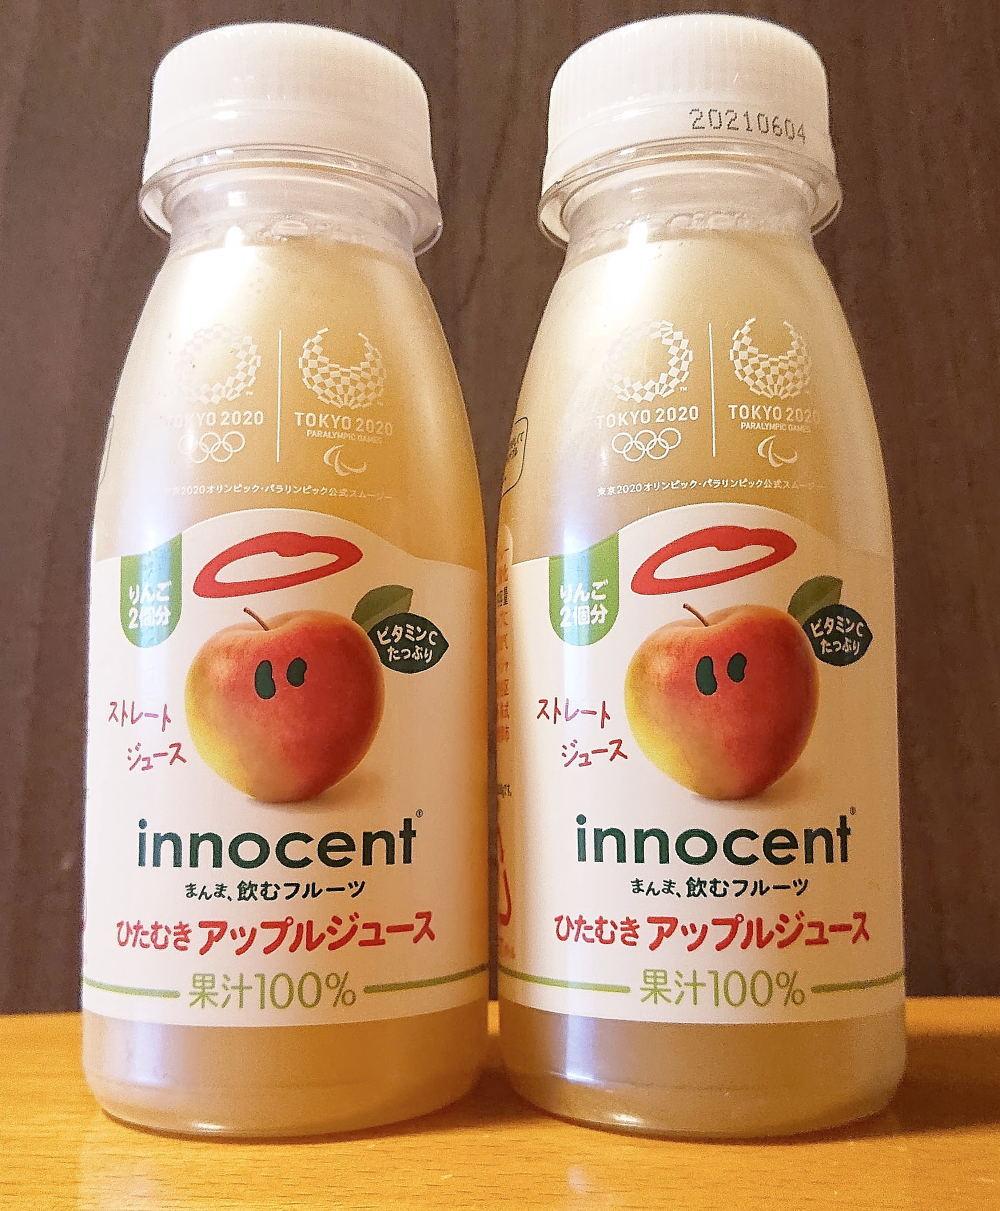 ひたむきアップルジュース